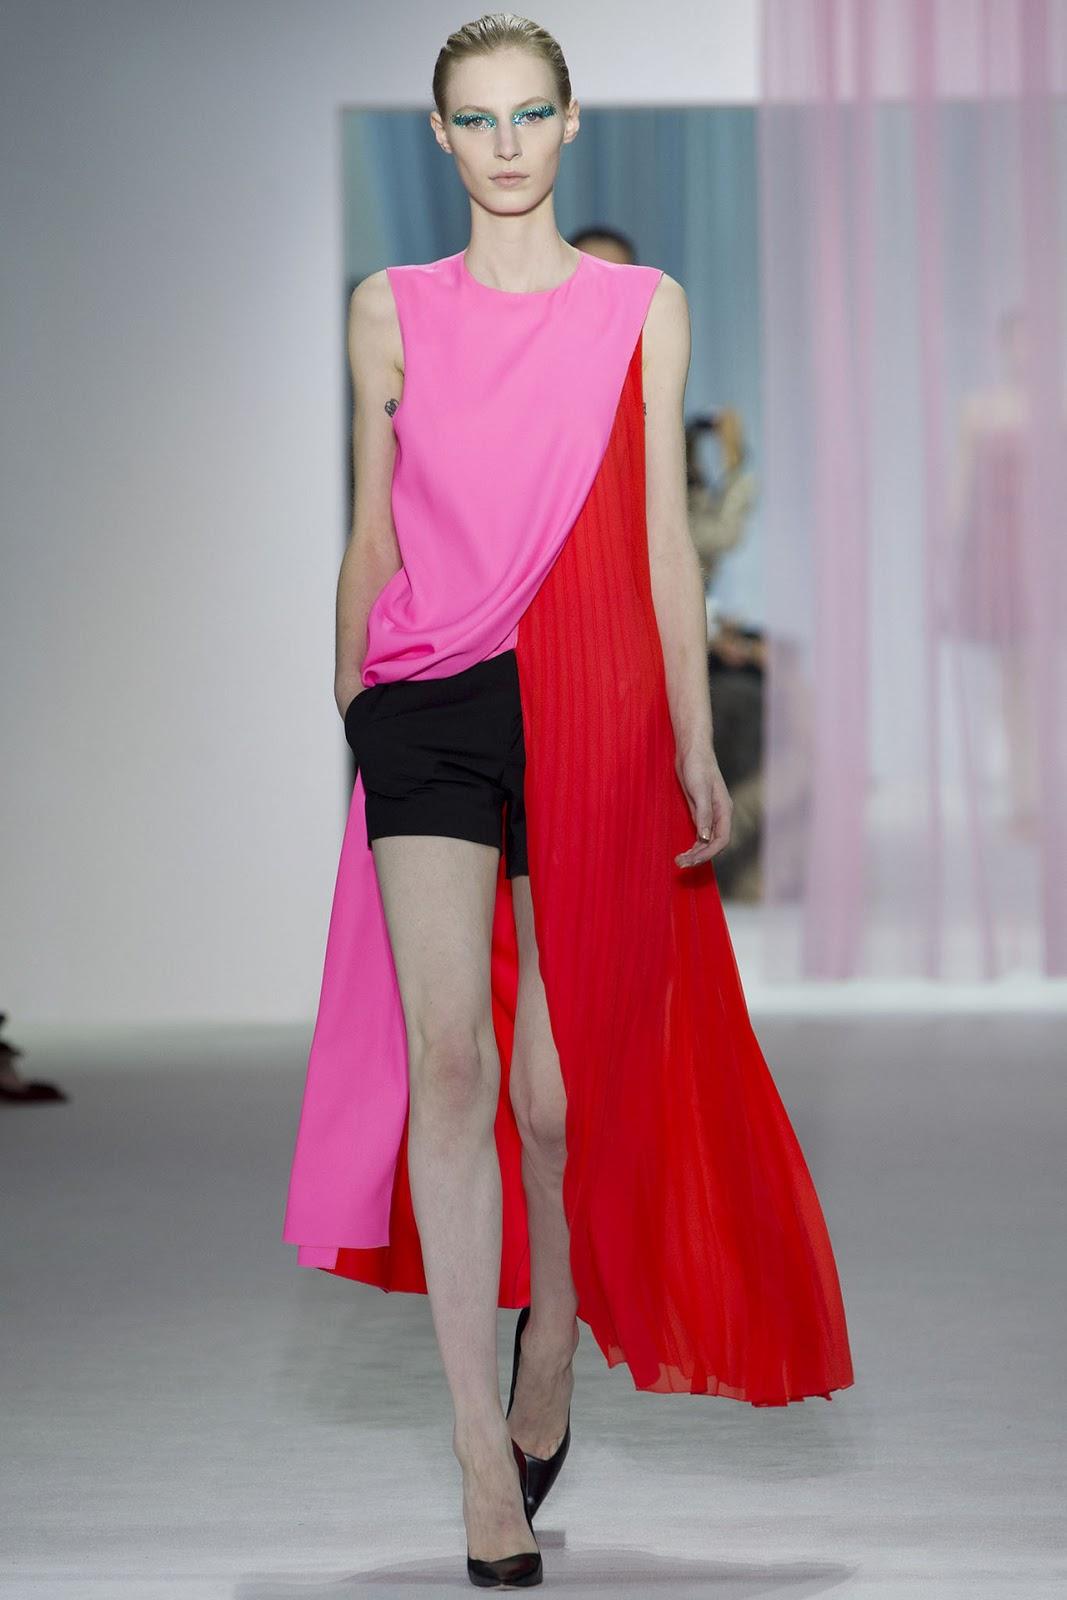 Monsieur Dior ha mandato in passerella donne eteree abbigliate con pepli  policromi decalés e asimmetrici.I colori sono pastellati e forti(binomio  perfetto ... 7dcbc1fac8b